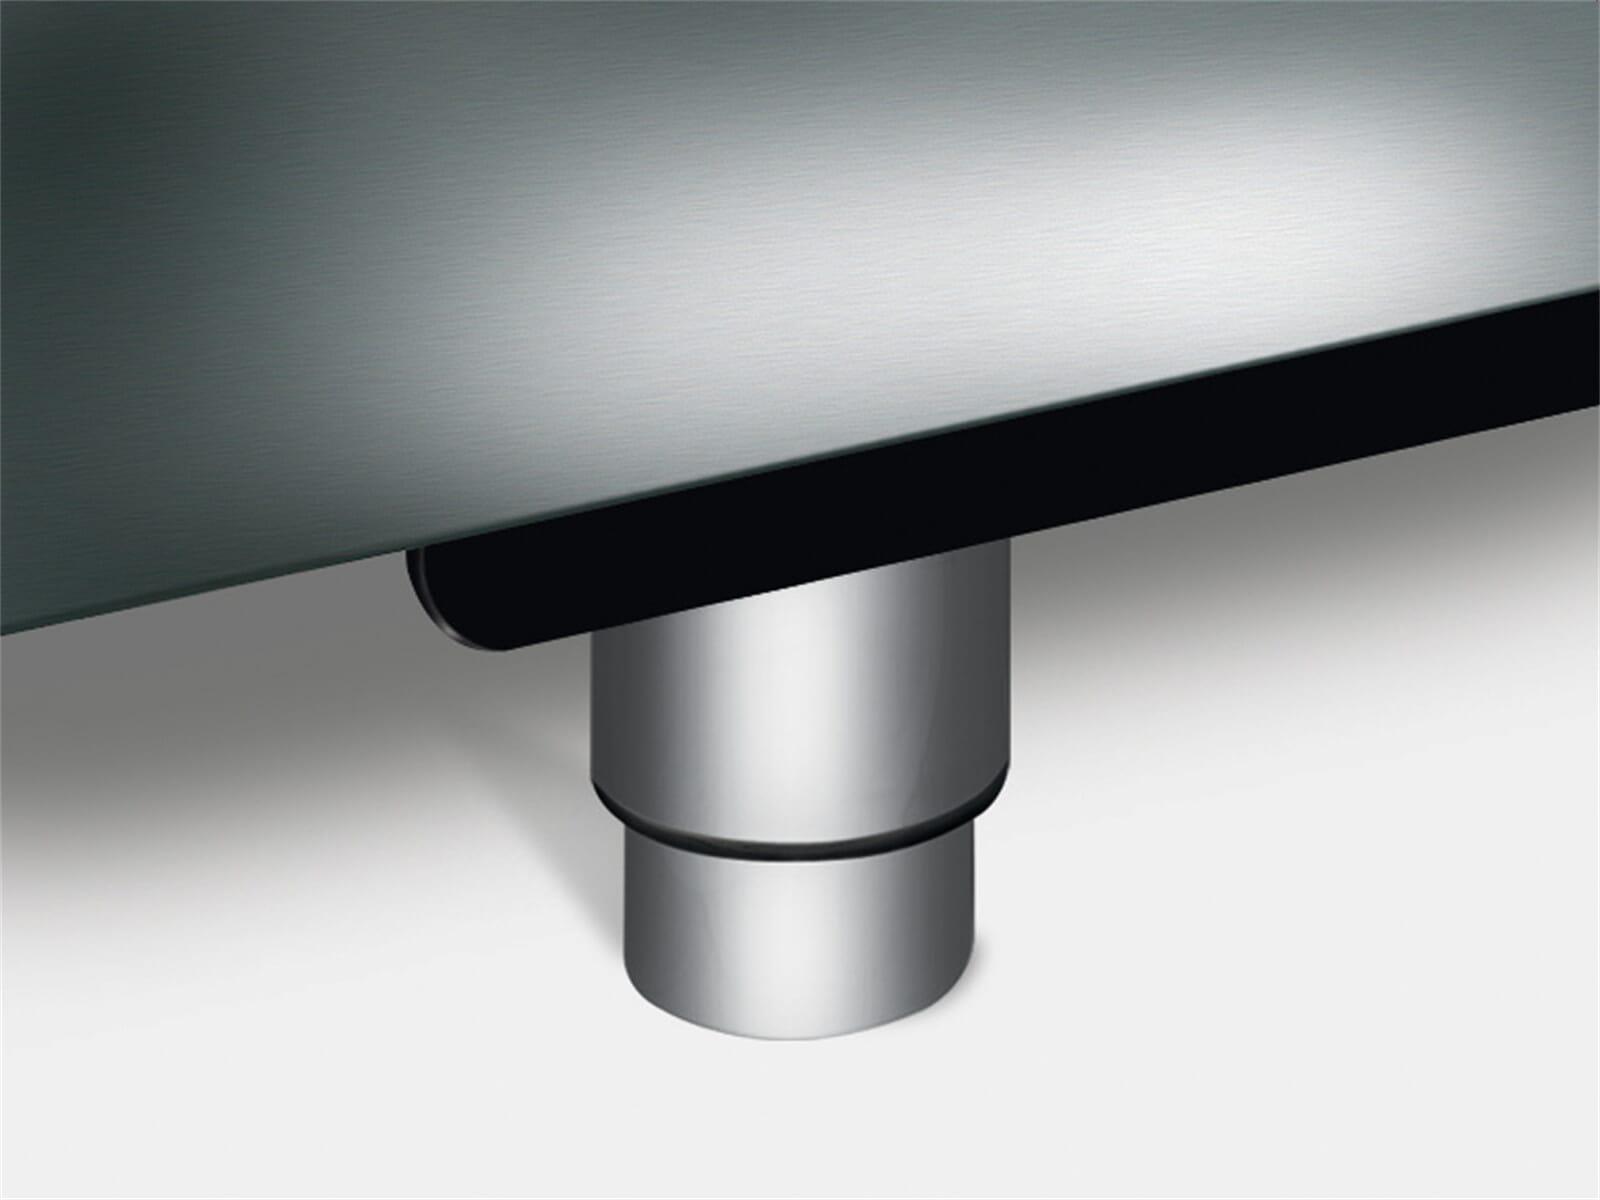 Produktabbildung Smeg KITPAX 4 Stellfüße Edelstahl